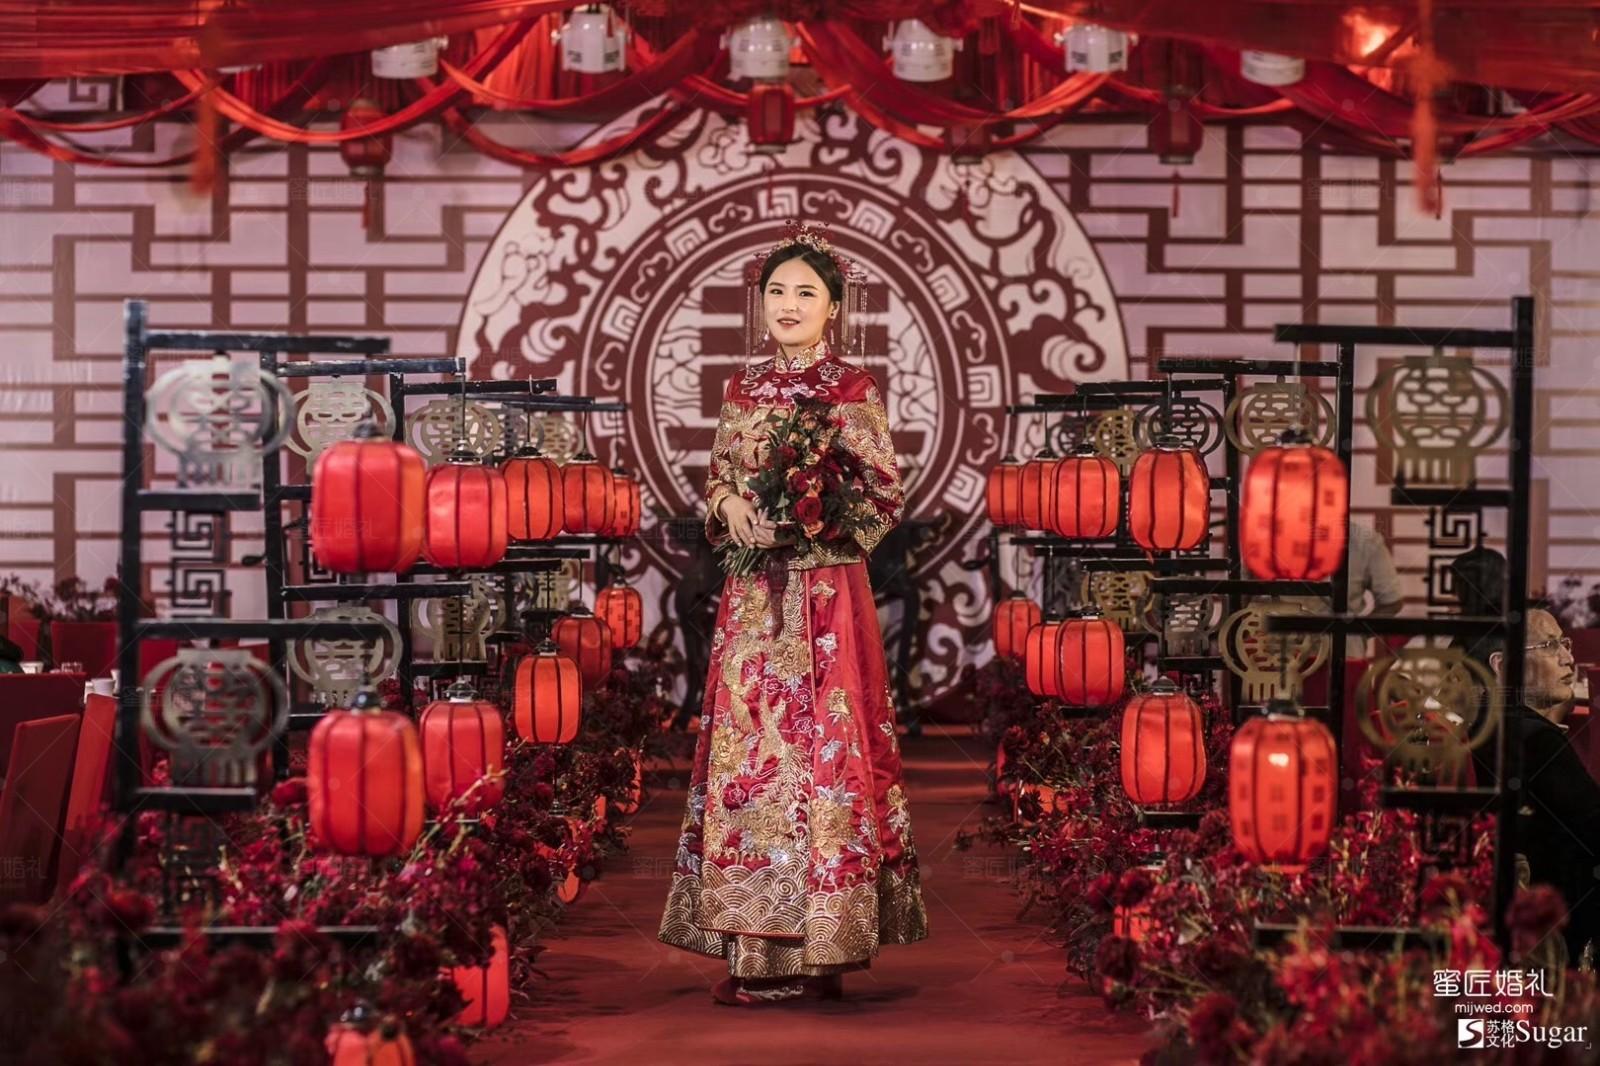 中式婚礼现场布置2020 婚礼布置现场图片2020